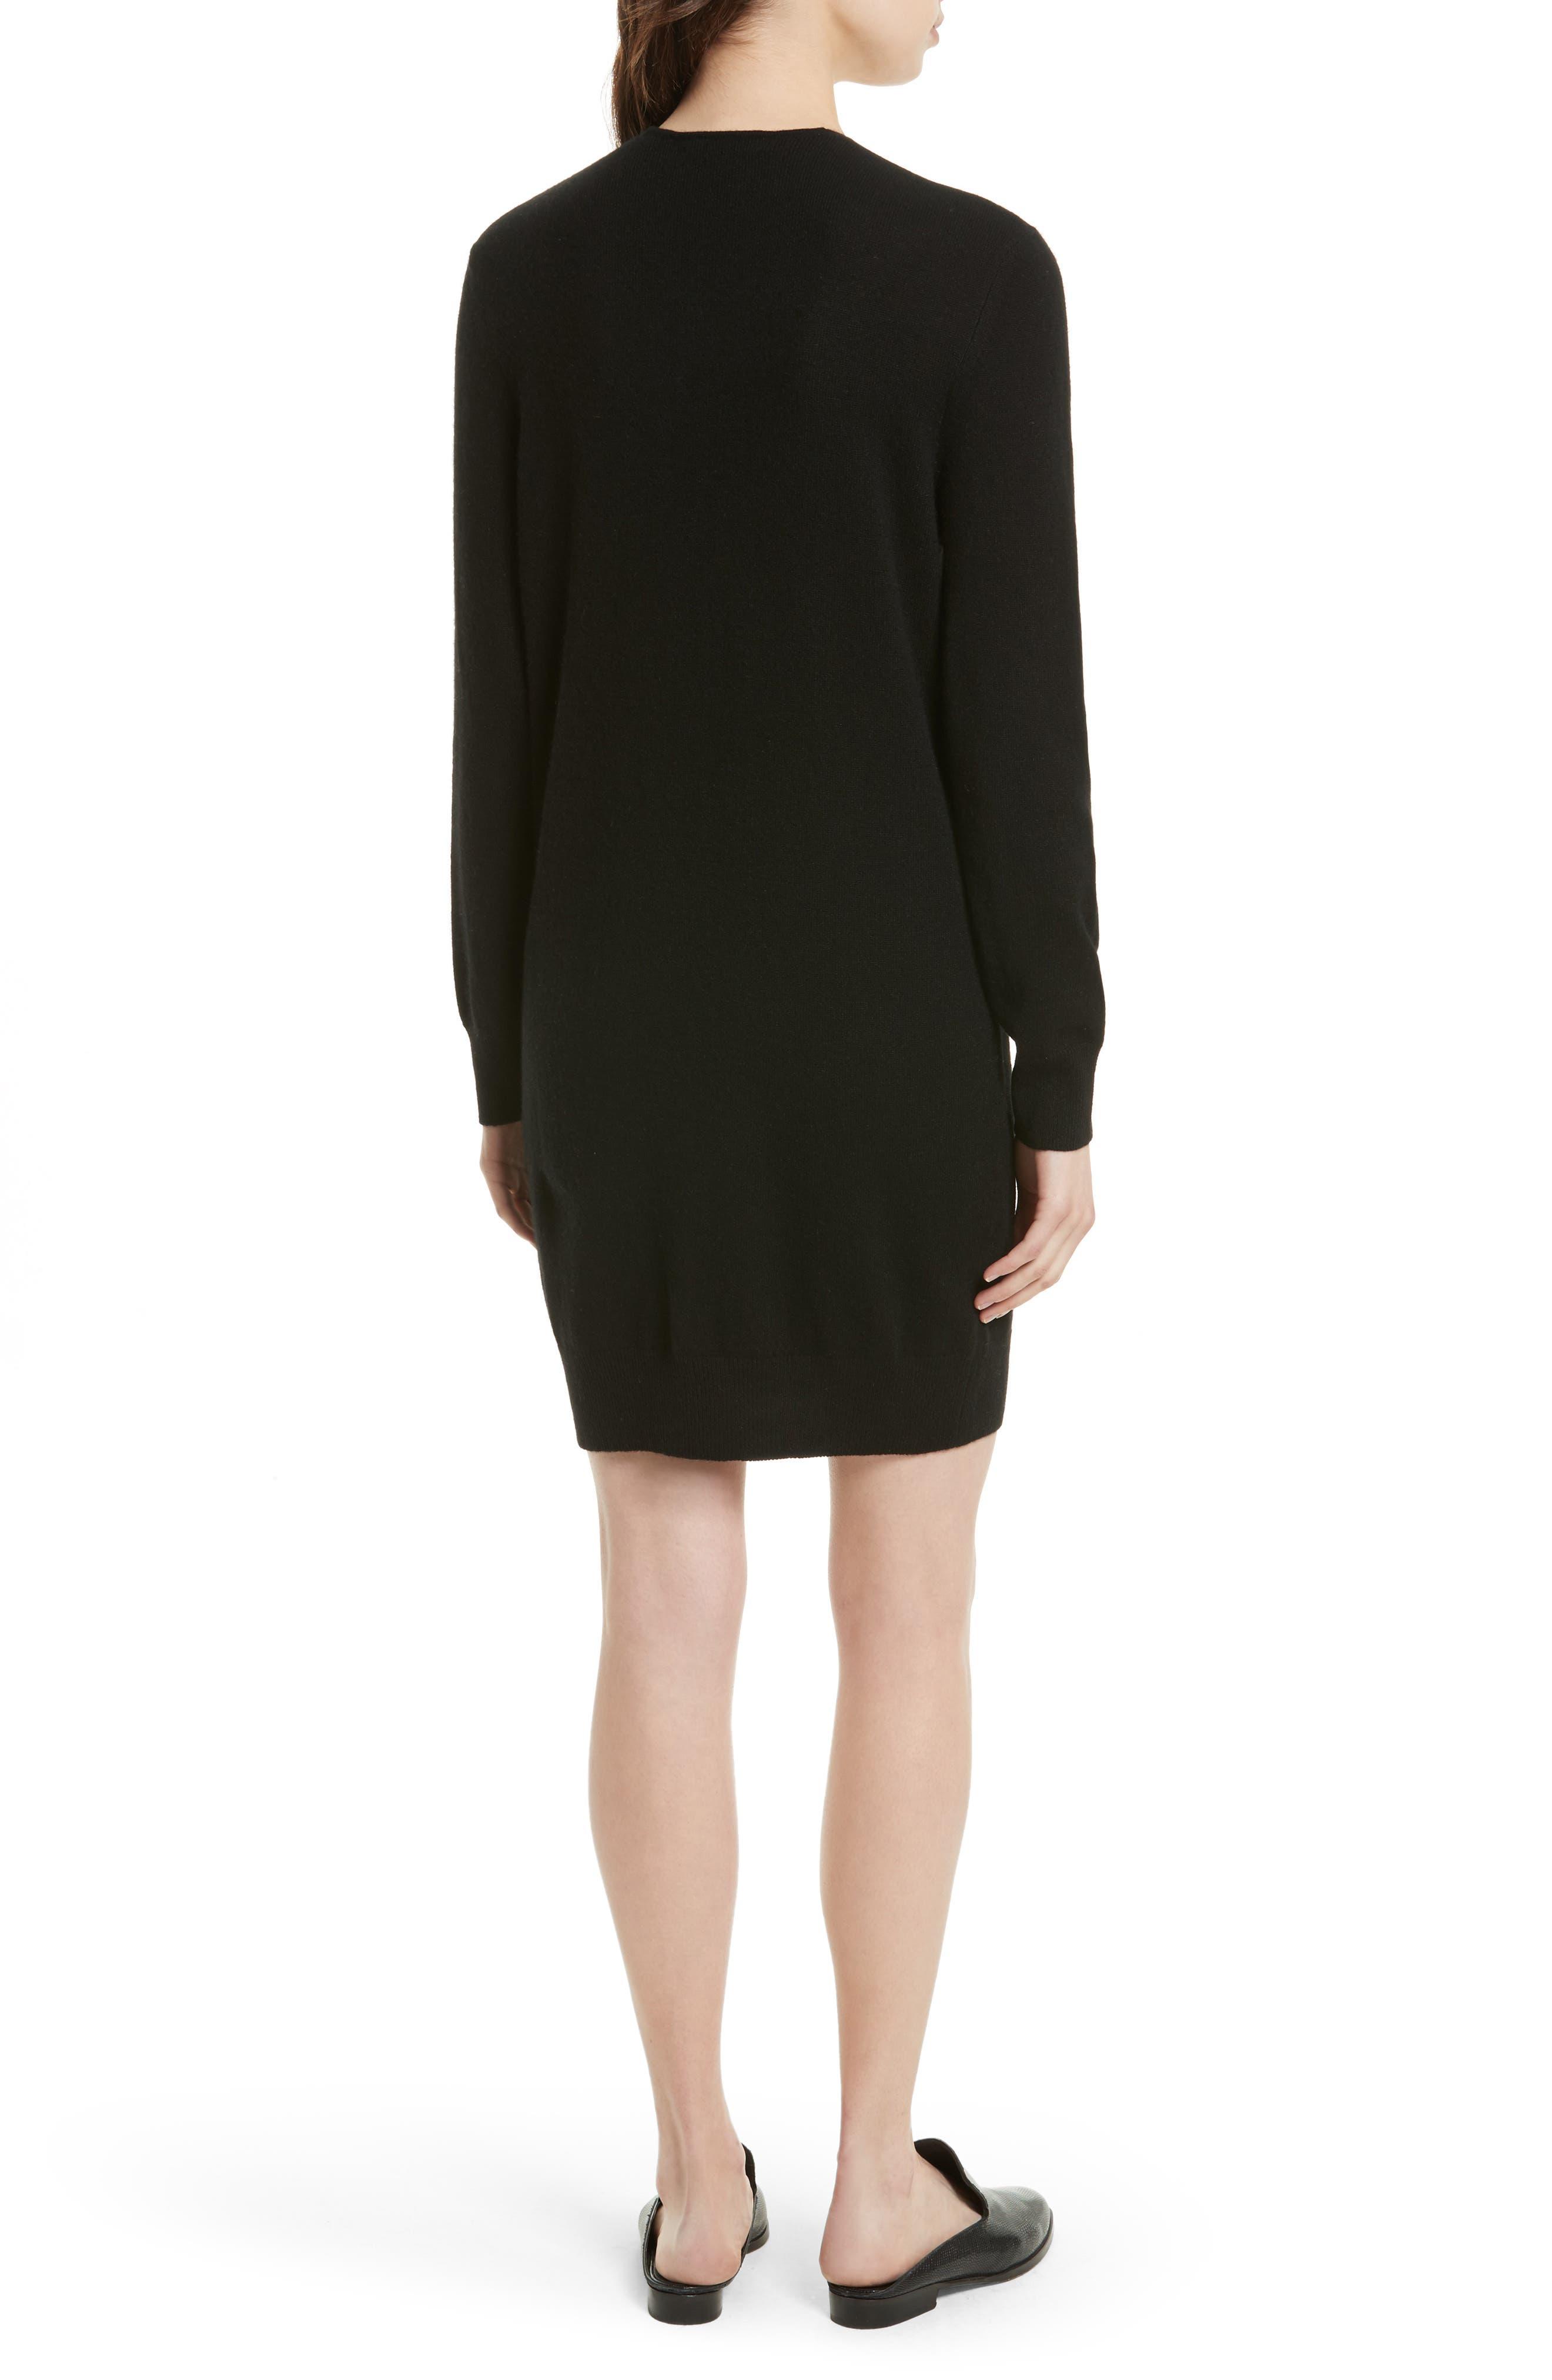 Alternate Image 2  - Equipment Rosemary V-Neck Cashmere Sweater Dress